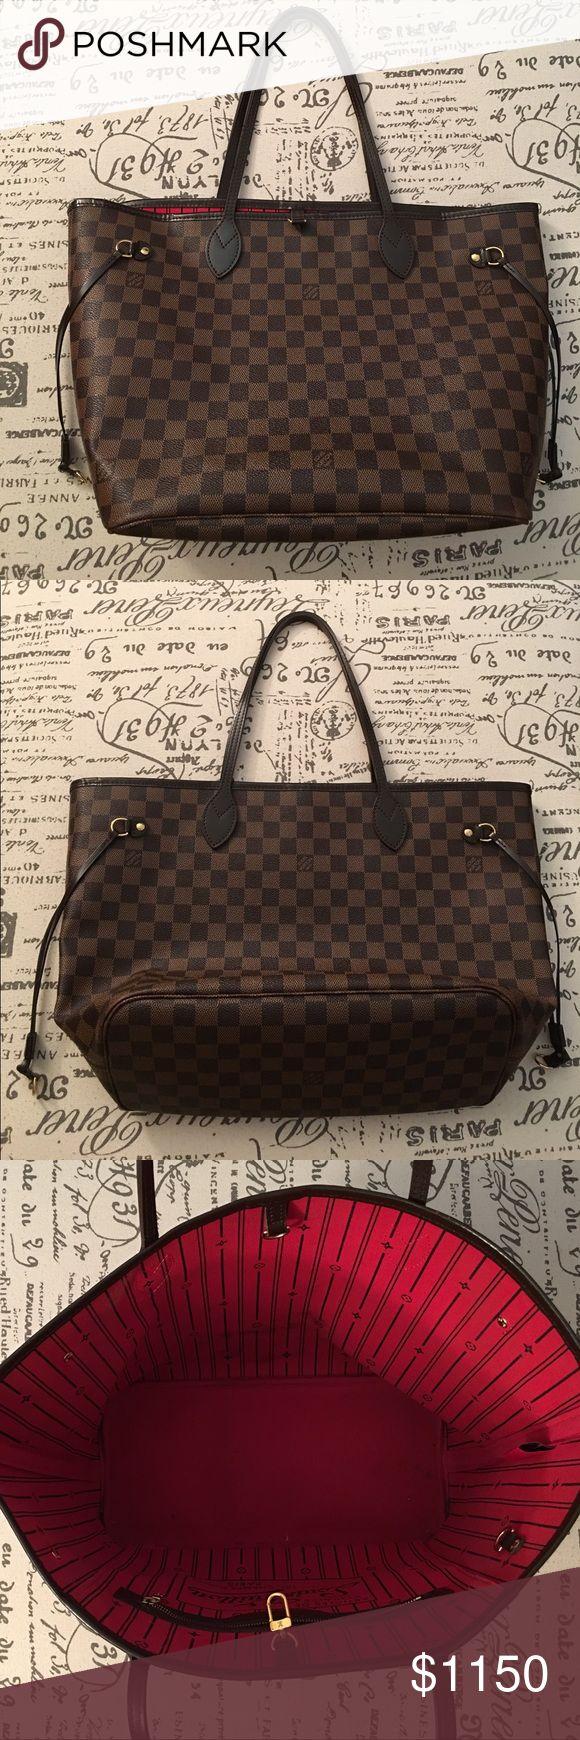 Comprar Louis Vuitton Neverfull Original